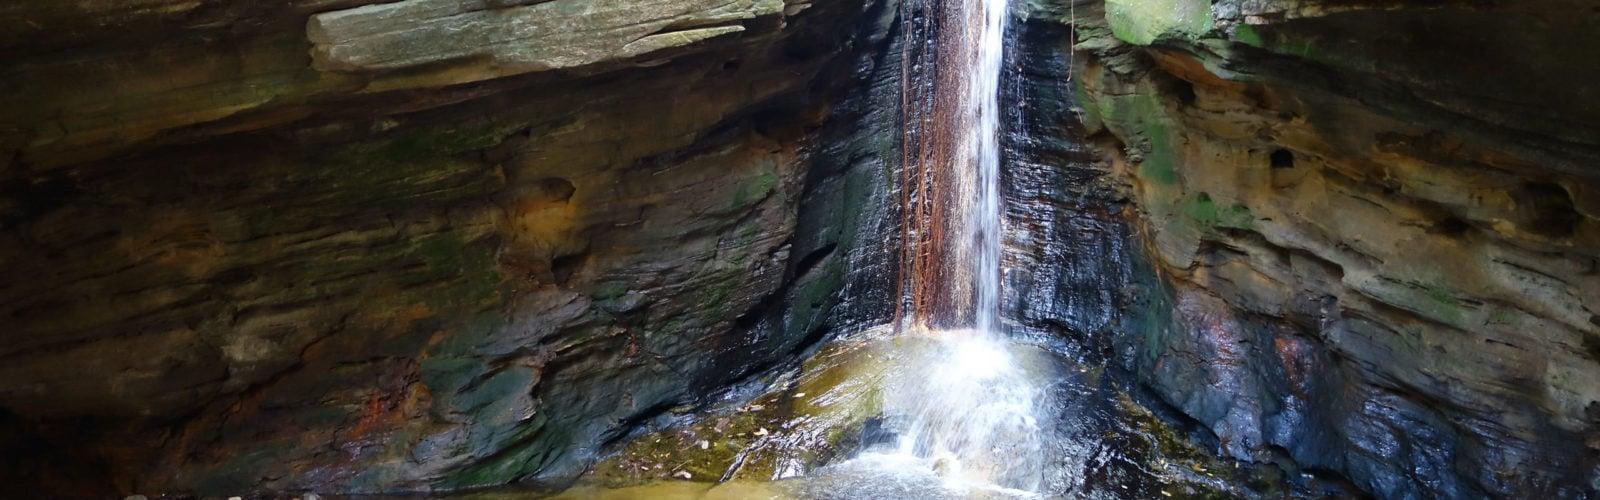 ibitipoca-waterfall